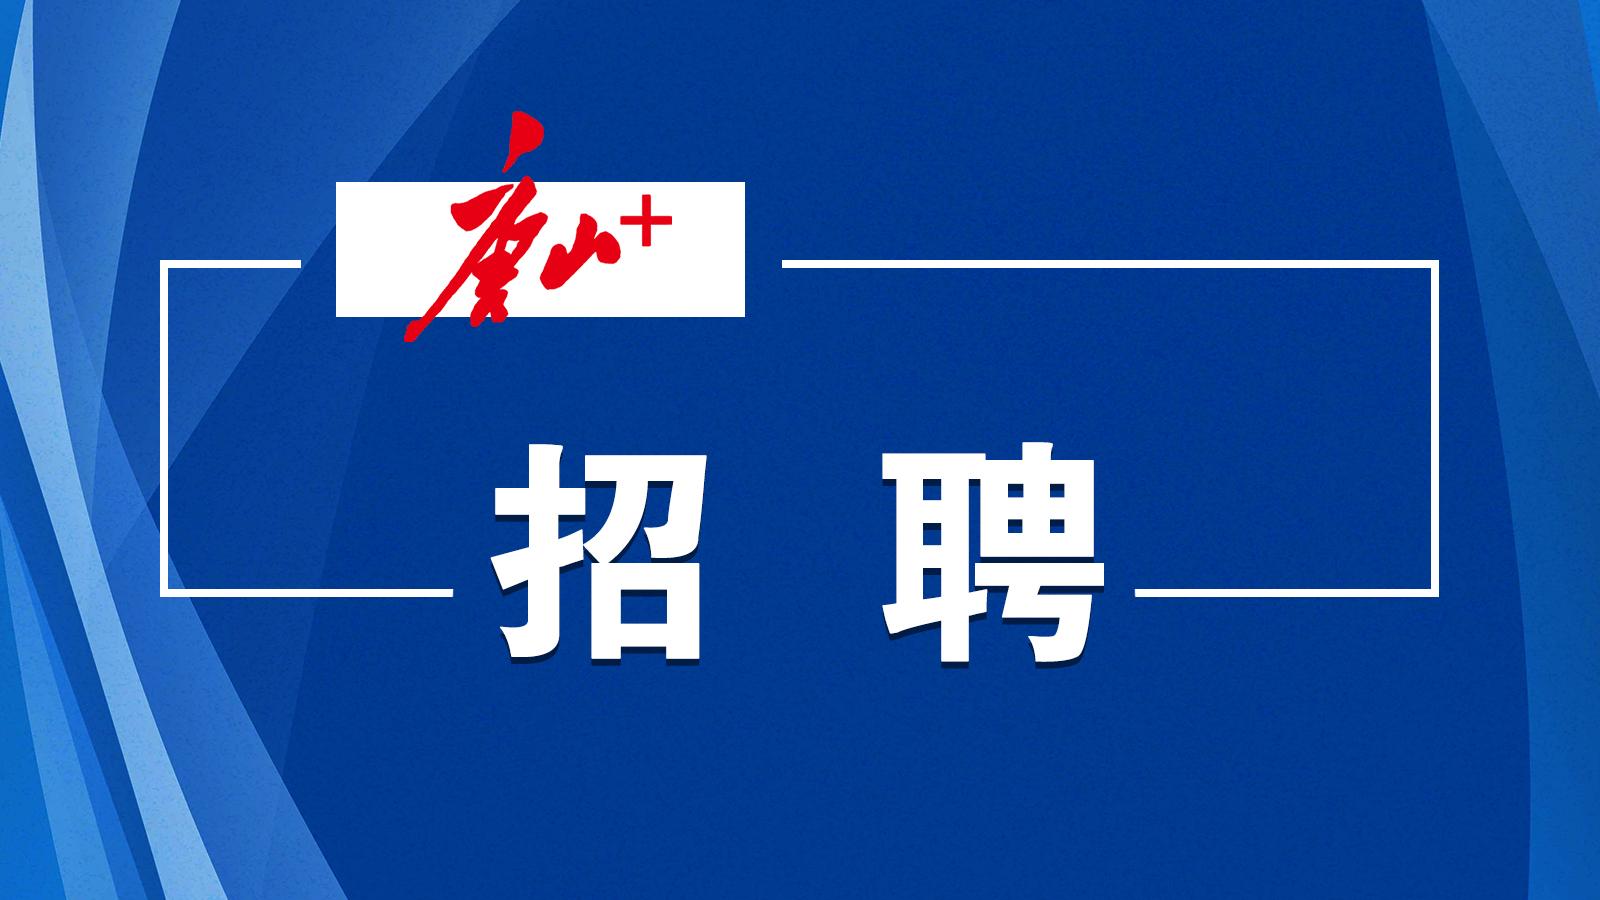 玉田融媒体中心招募就业见习人员10名